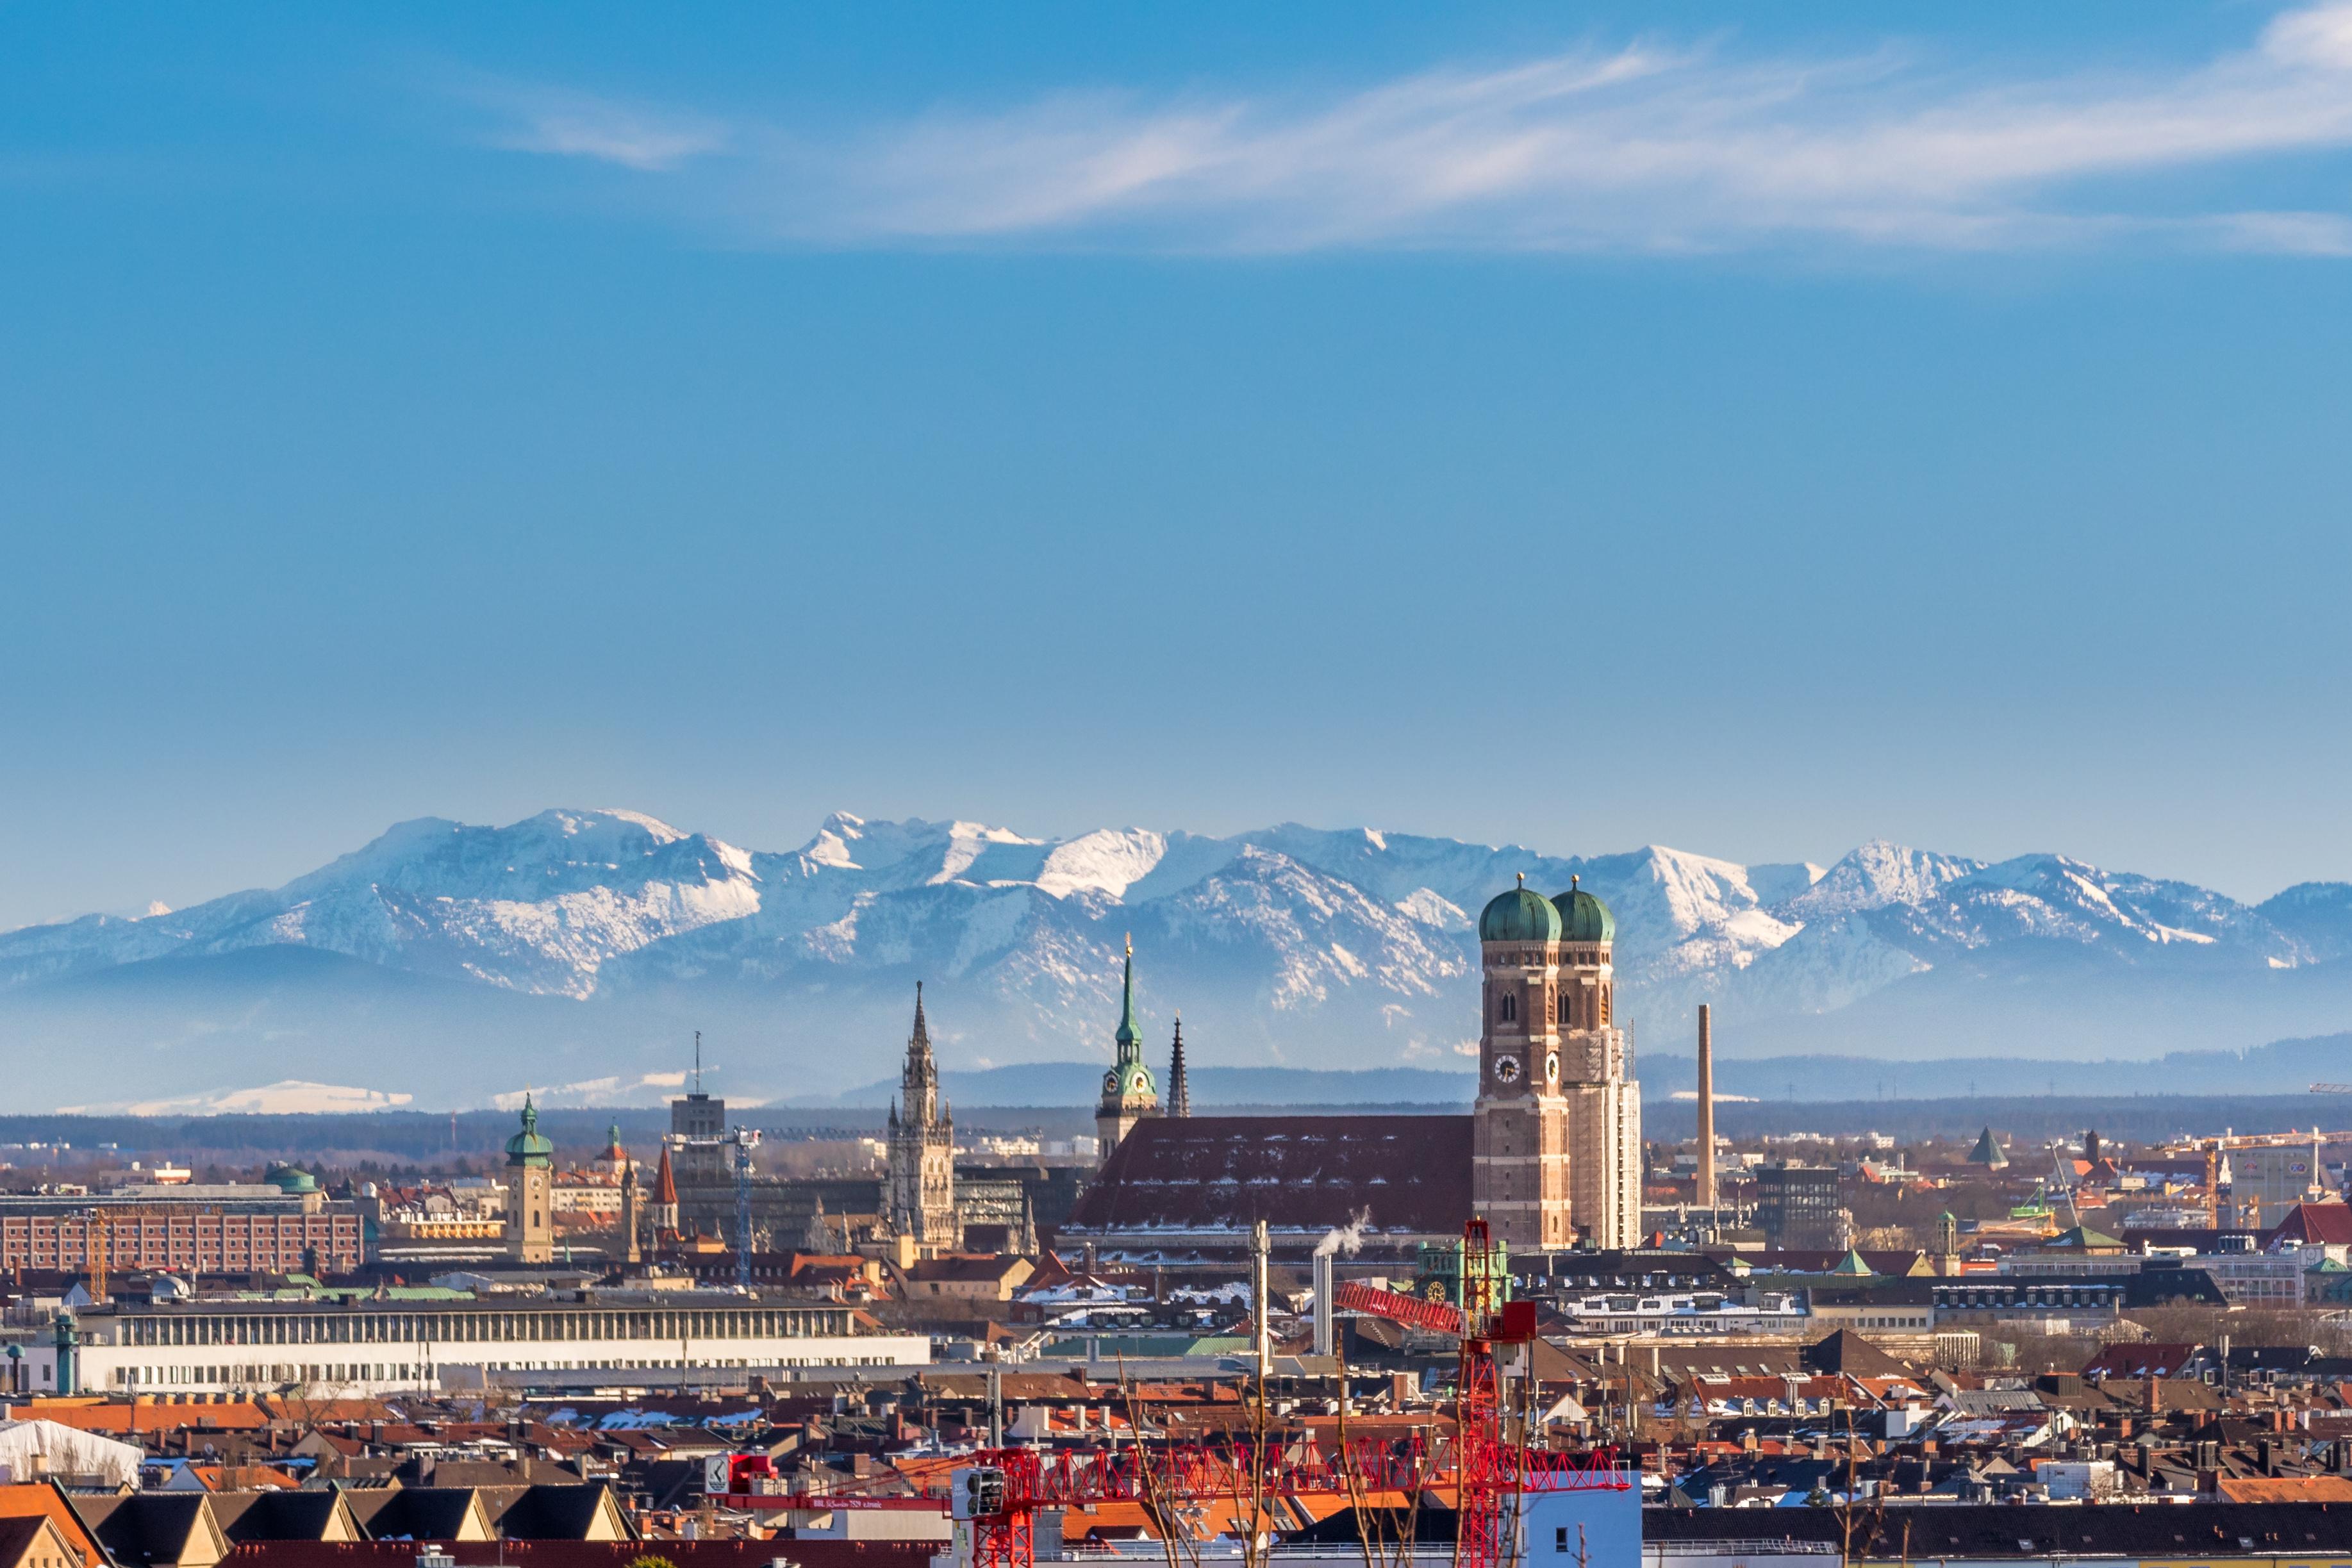 Die 5 besten Stadtteile für ein Immobilieninvestment in München